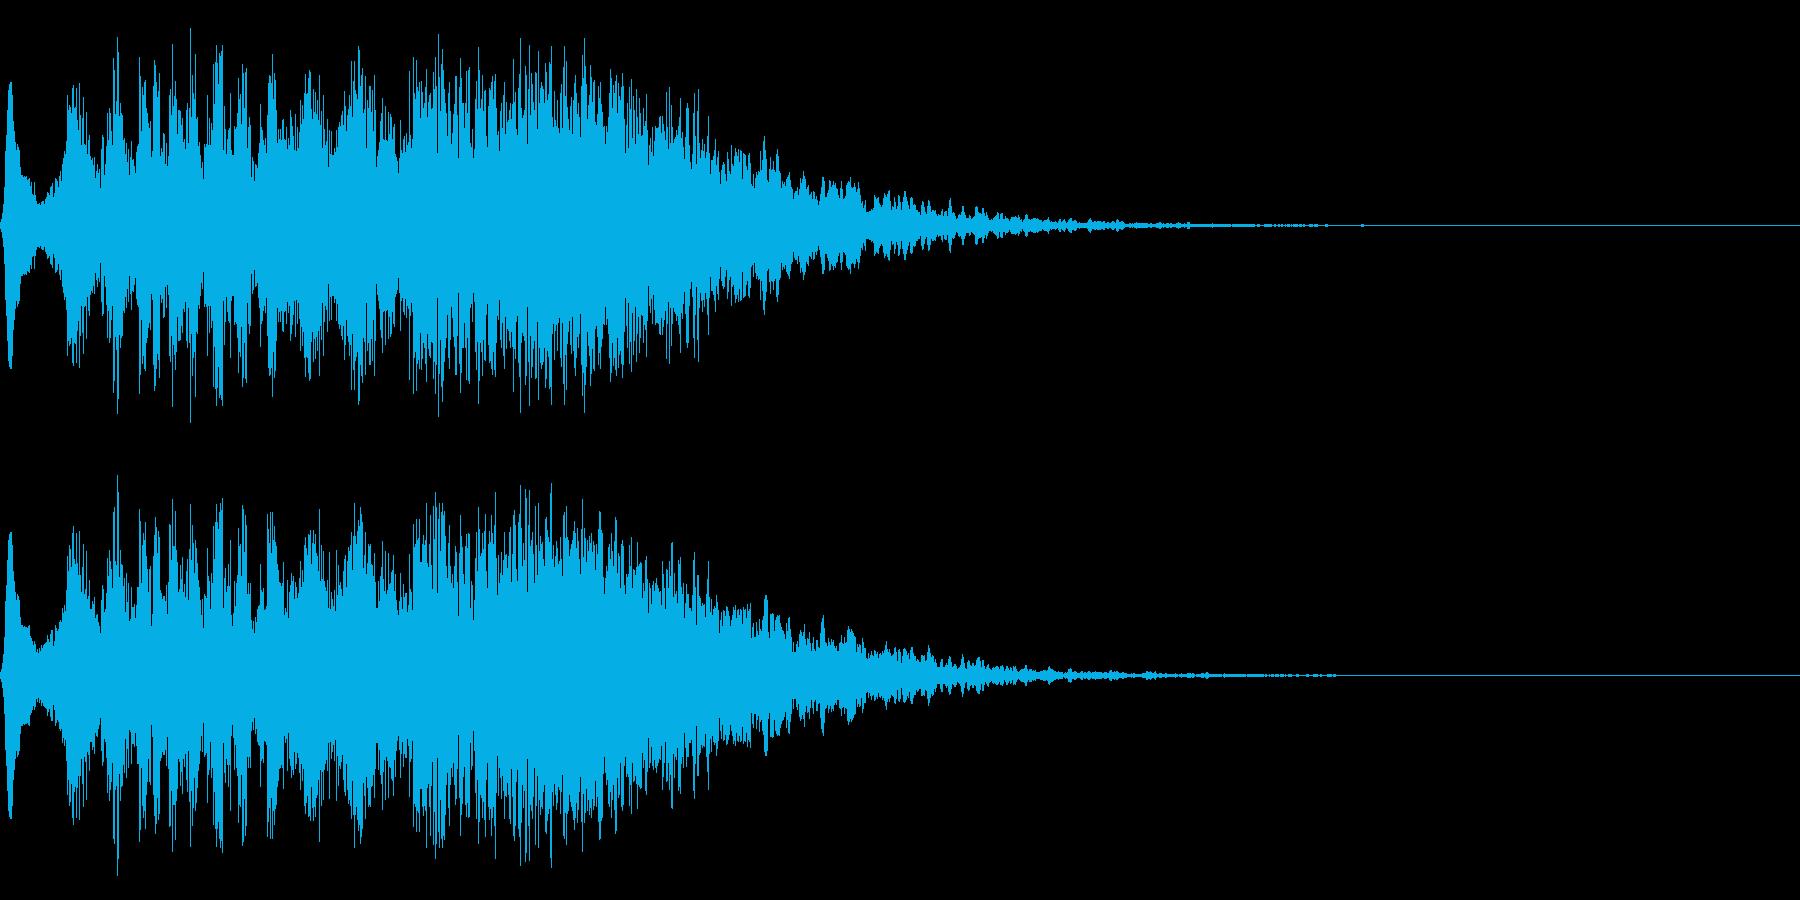 電波、光などの擬音(キランチュルルル)の再生済みの波形